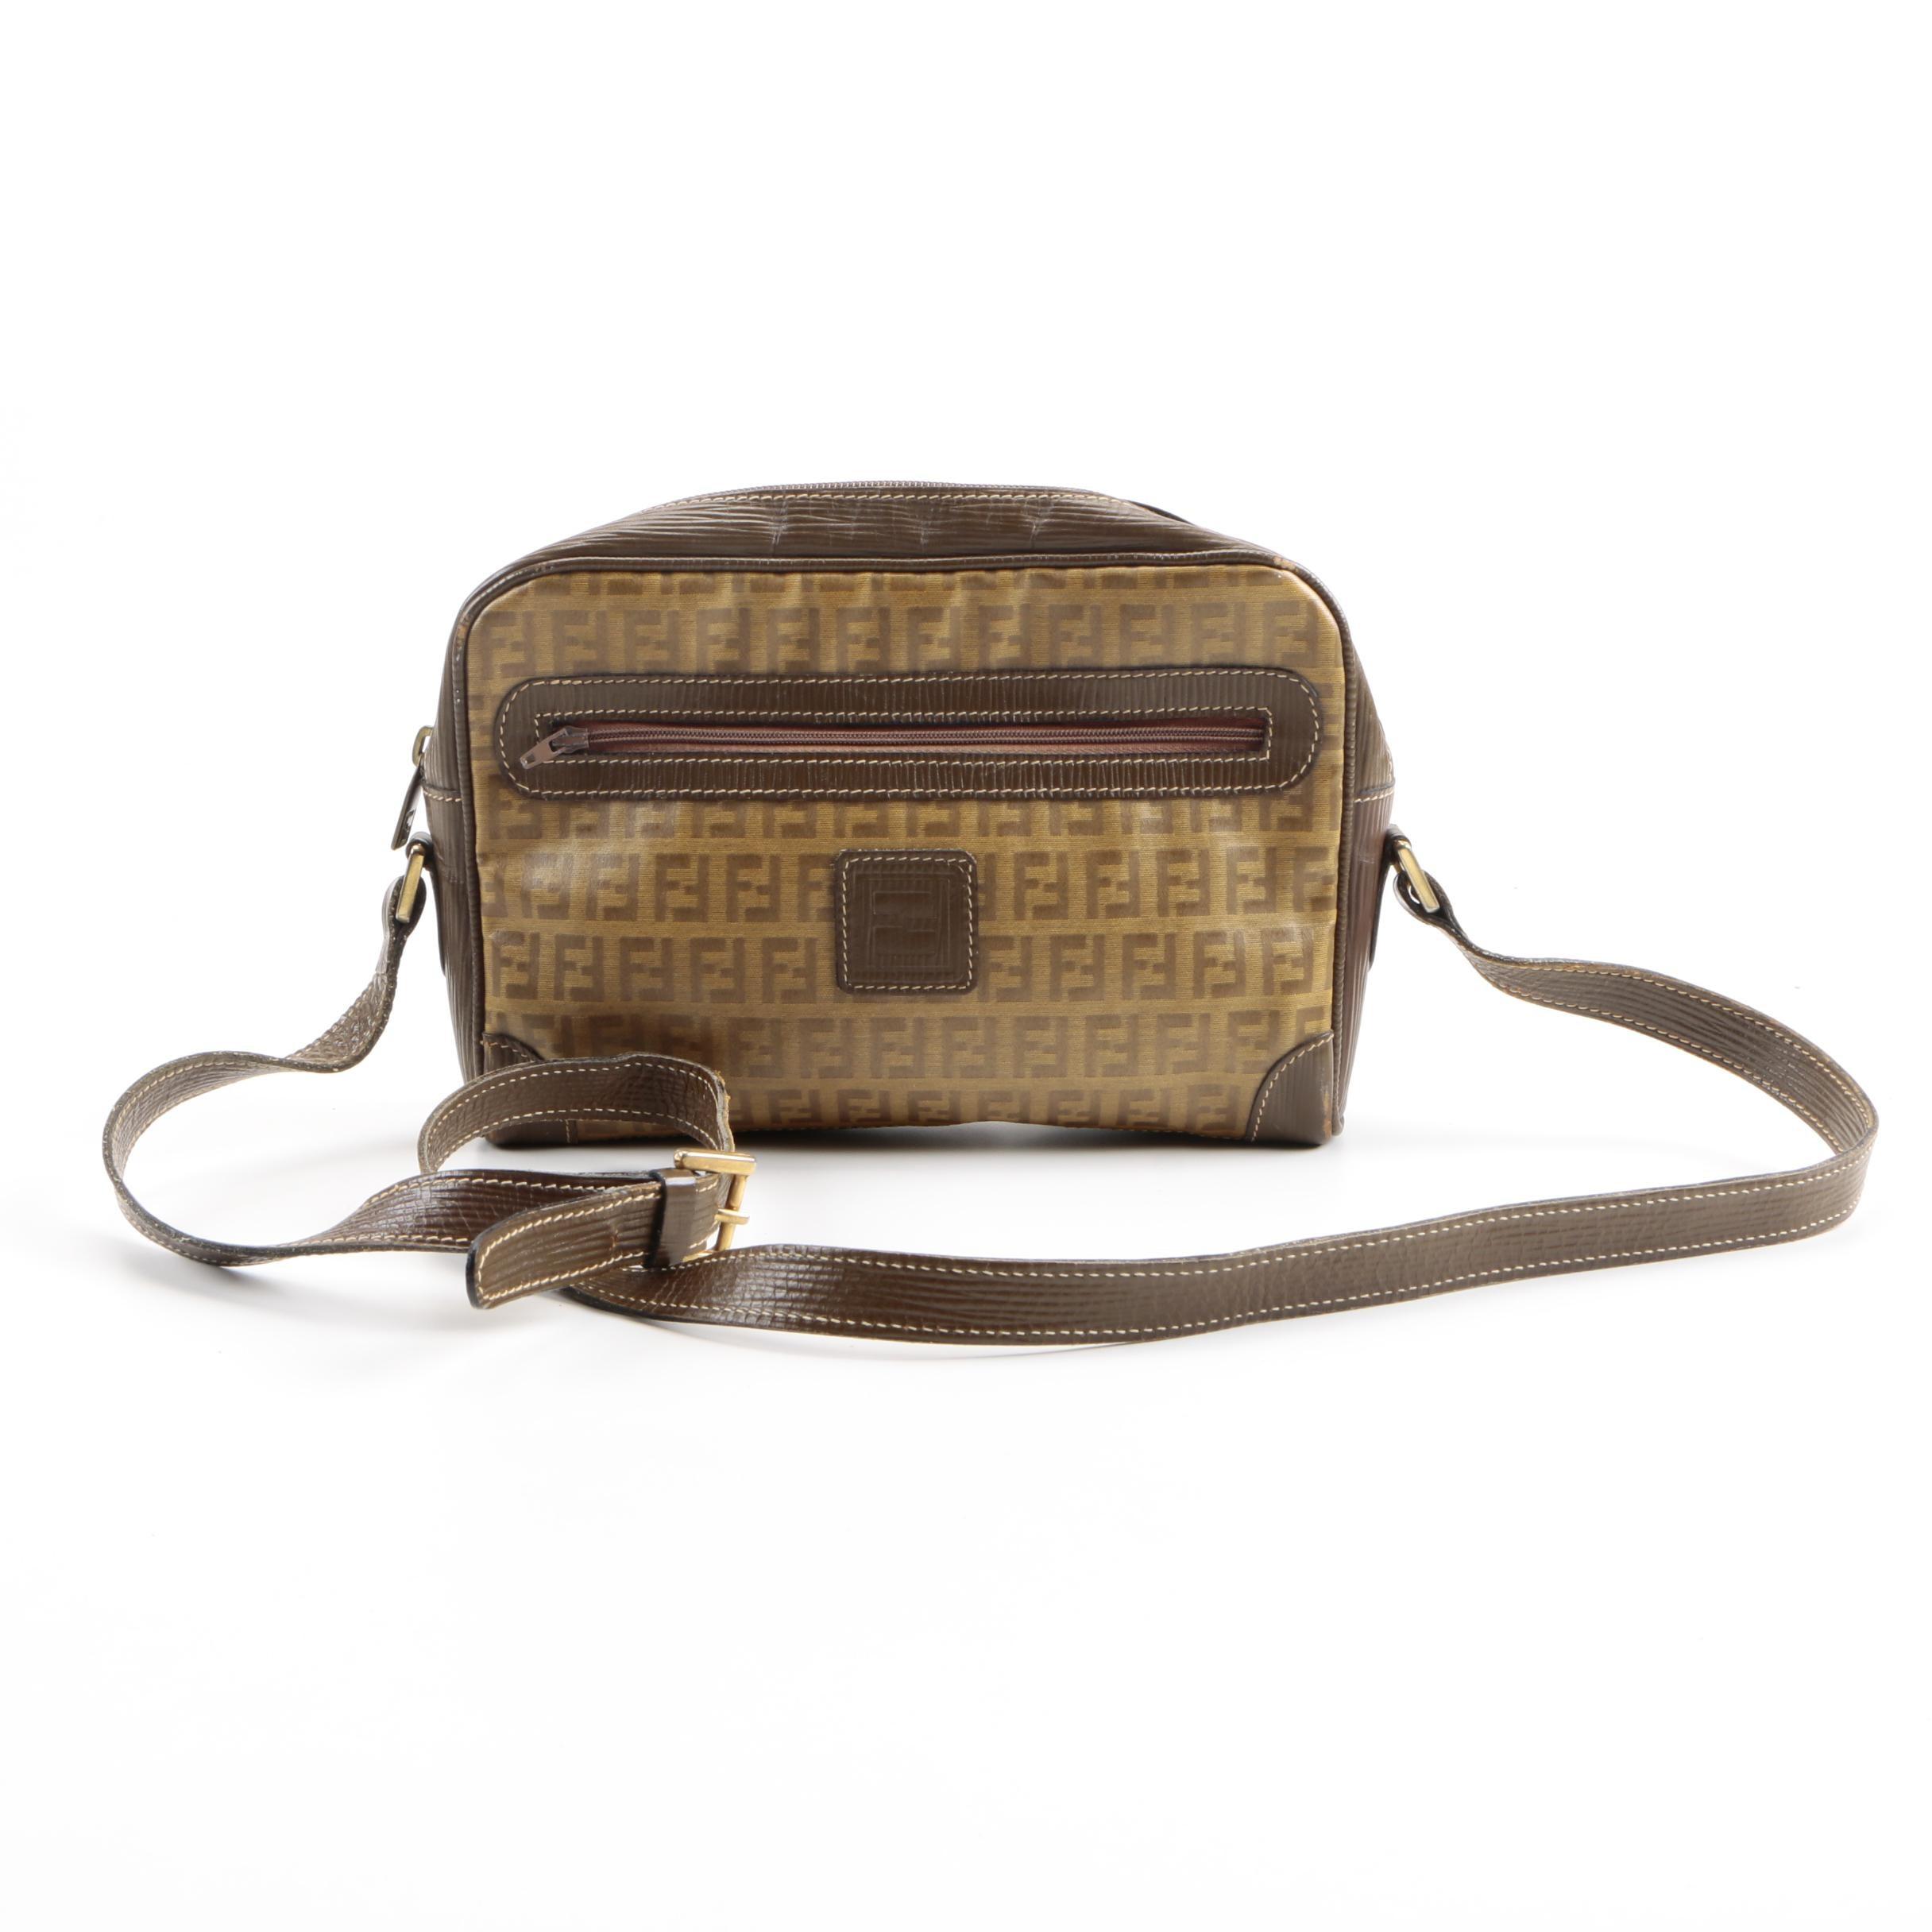 Vintage Fendi Zucchino Crossbody Bag